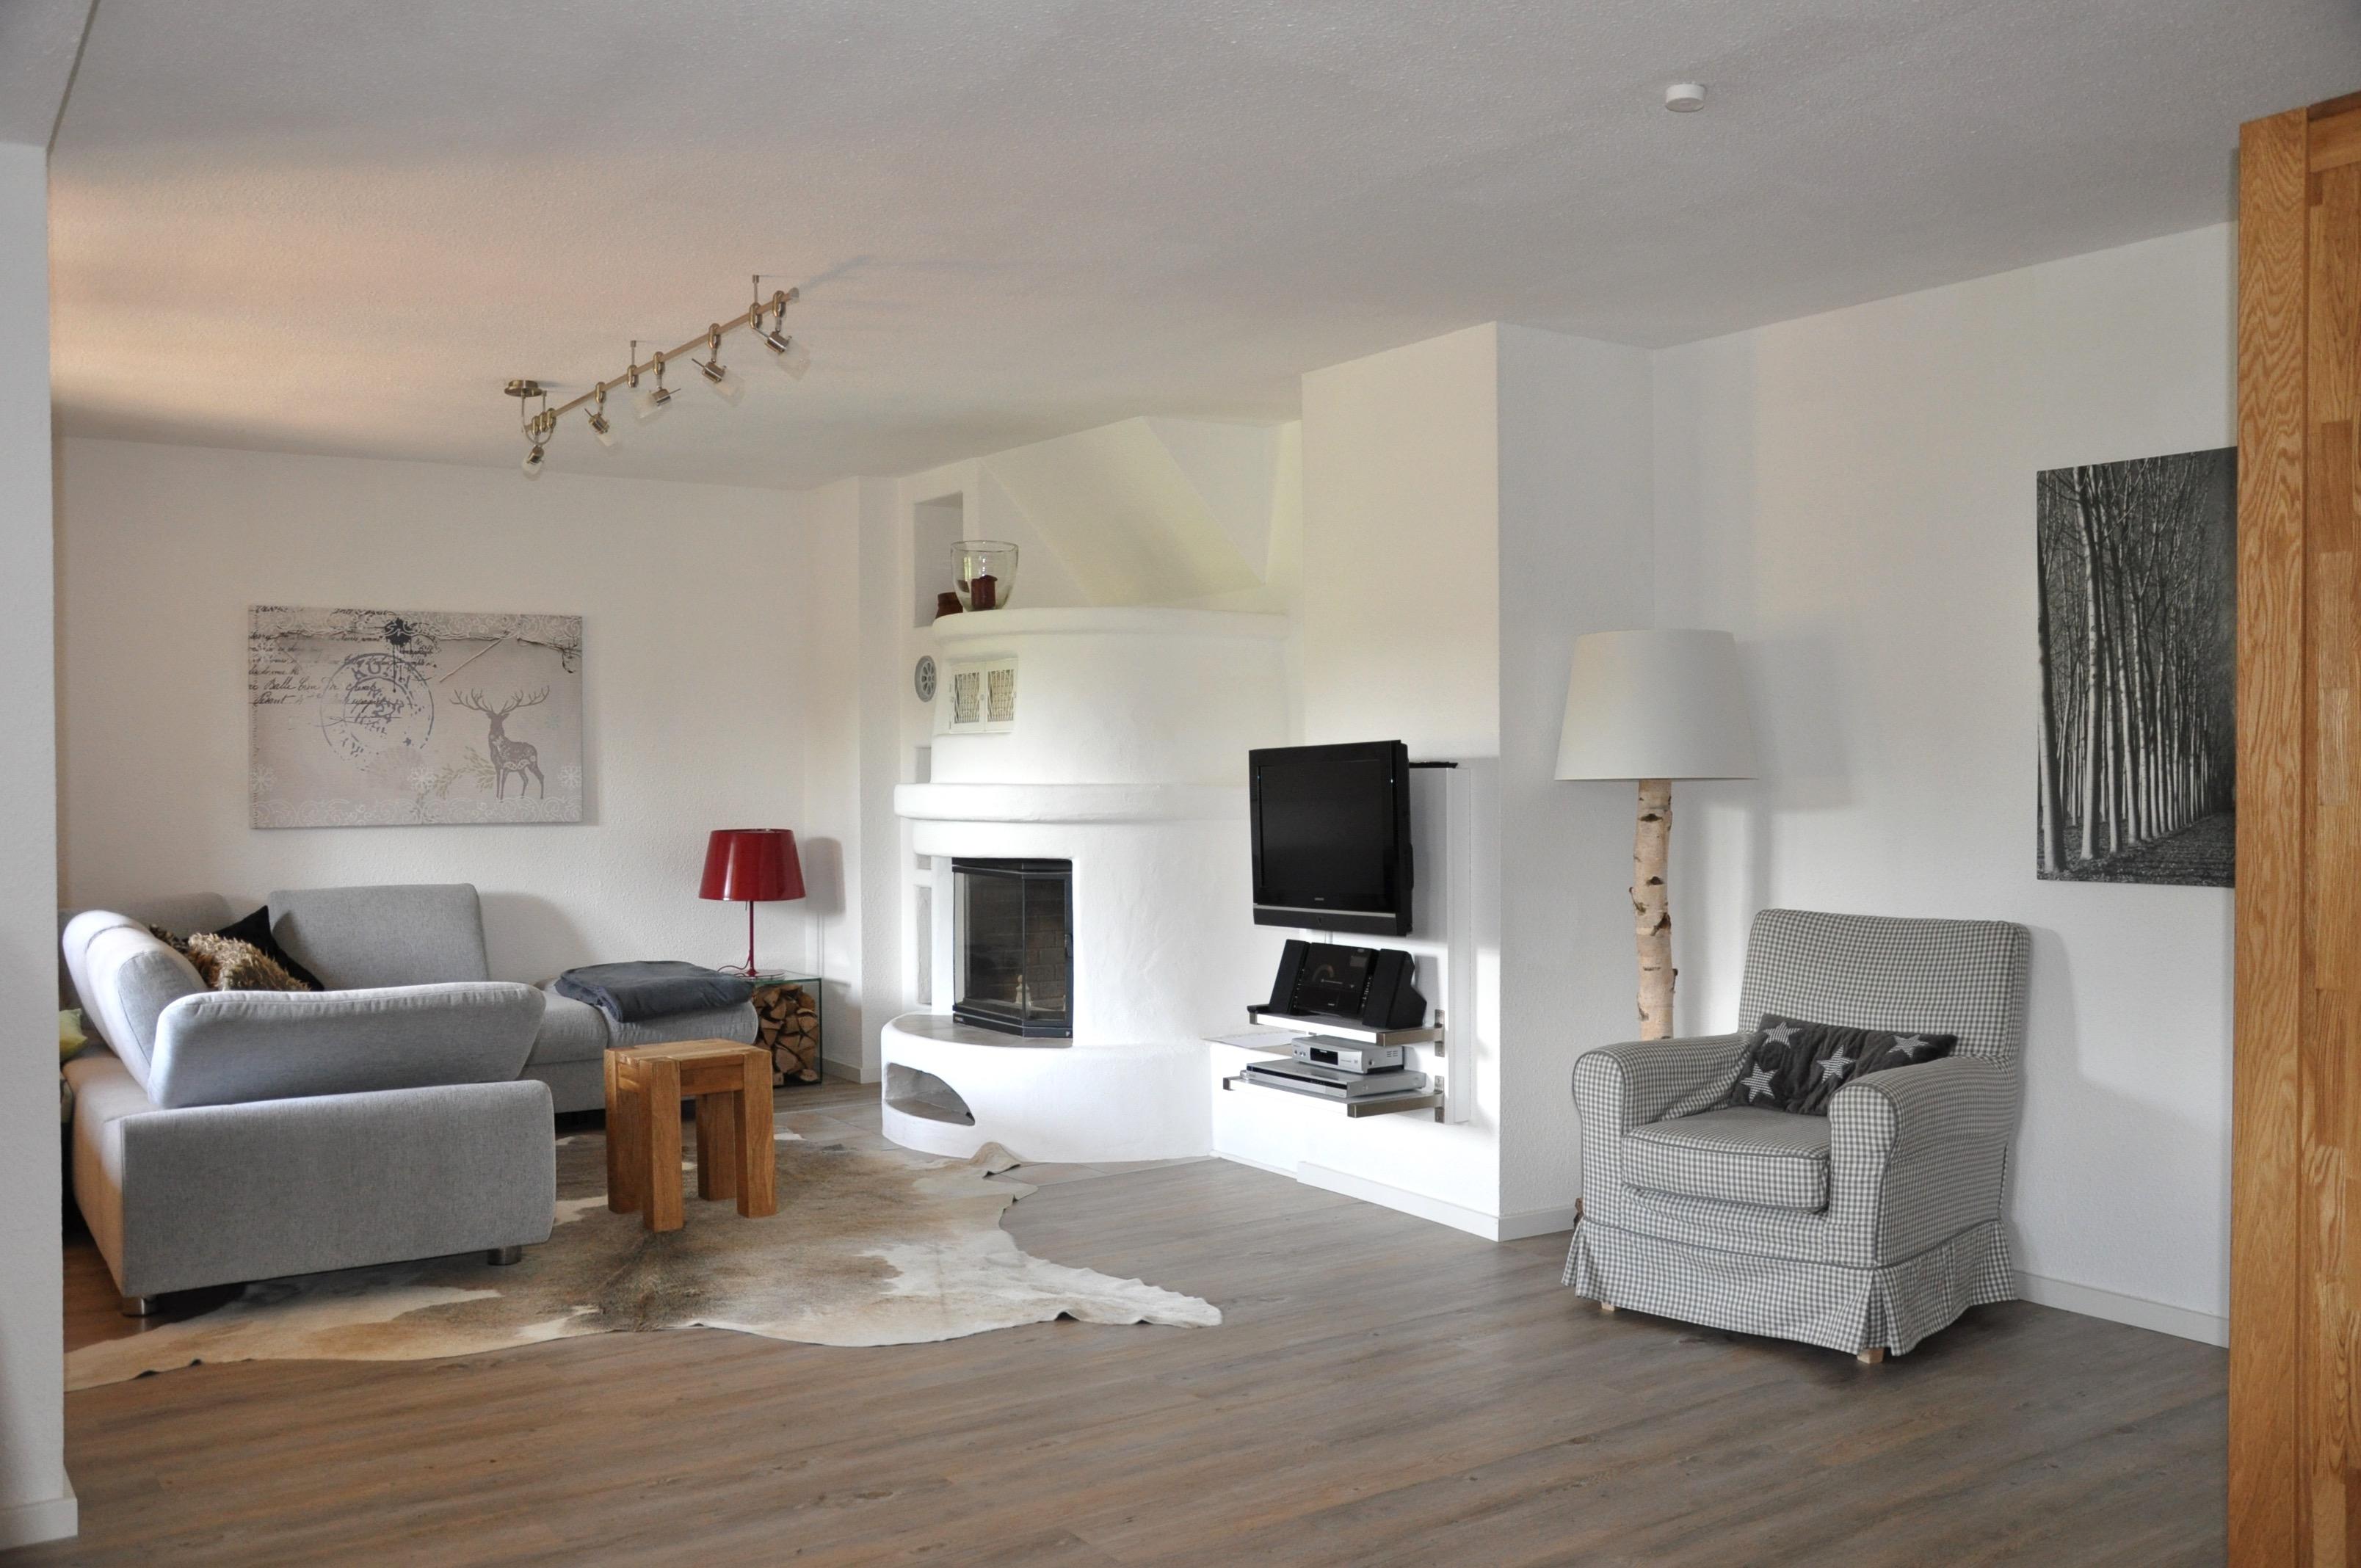 Kamin Modern Wohnzimmer Nett On Mit 3